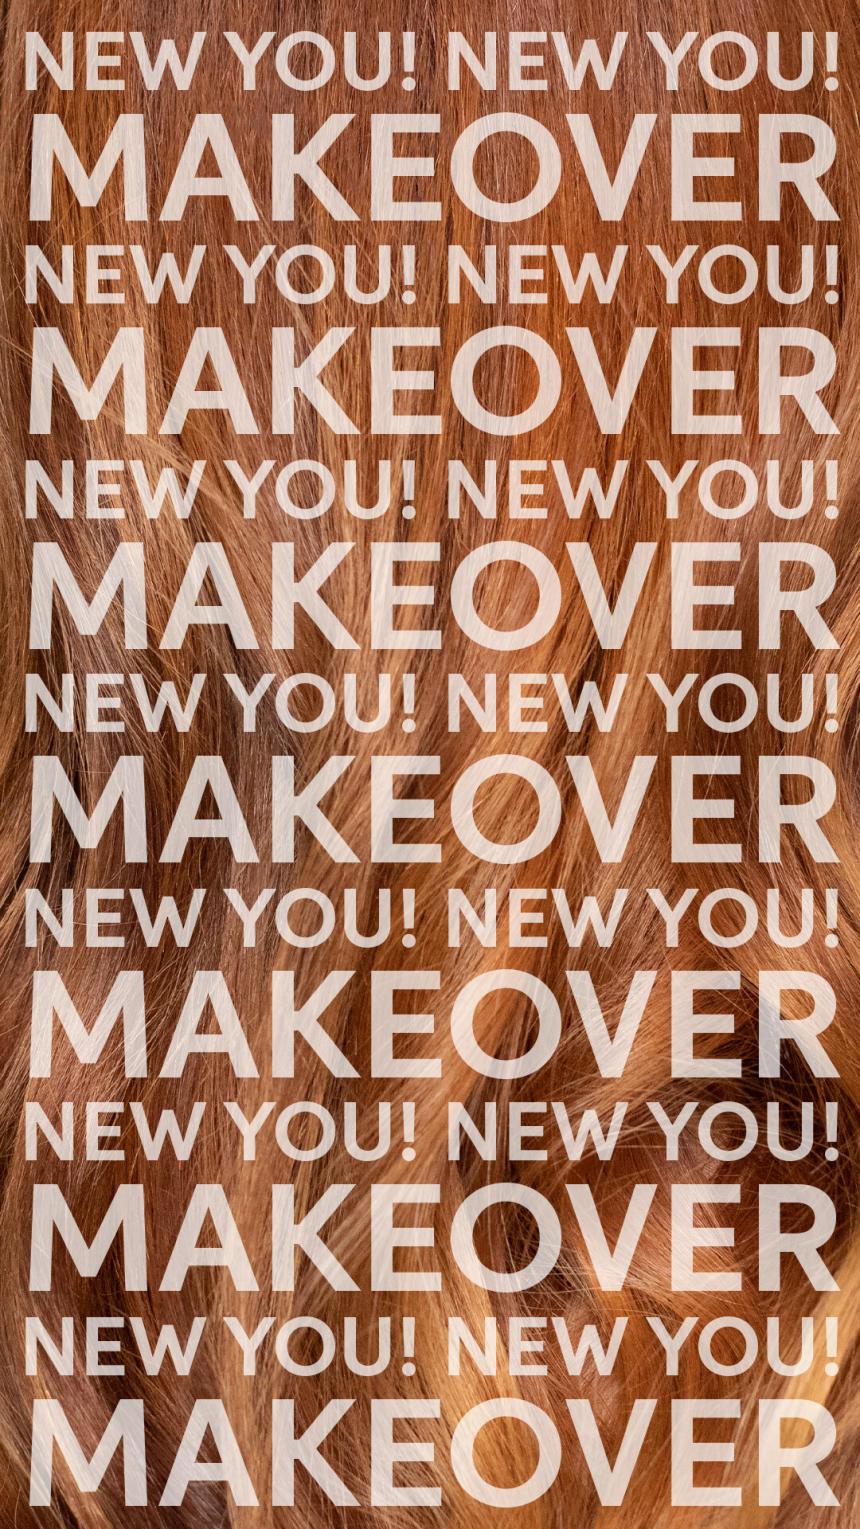 Makeover Contest IG Story v1.jpg